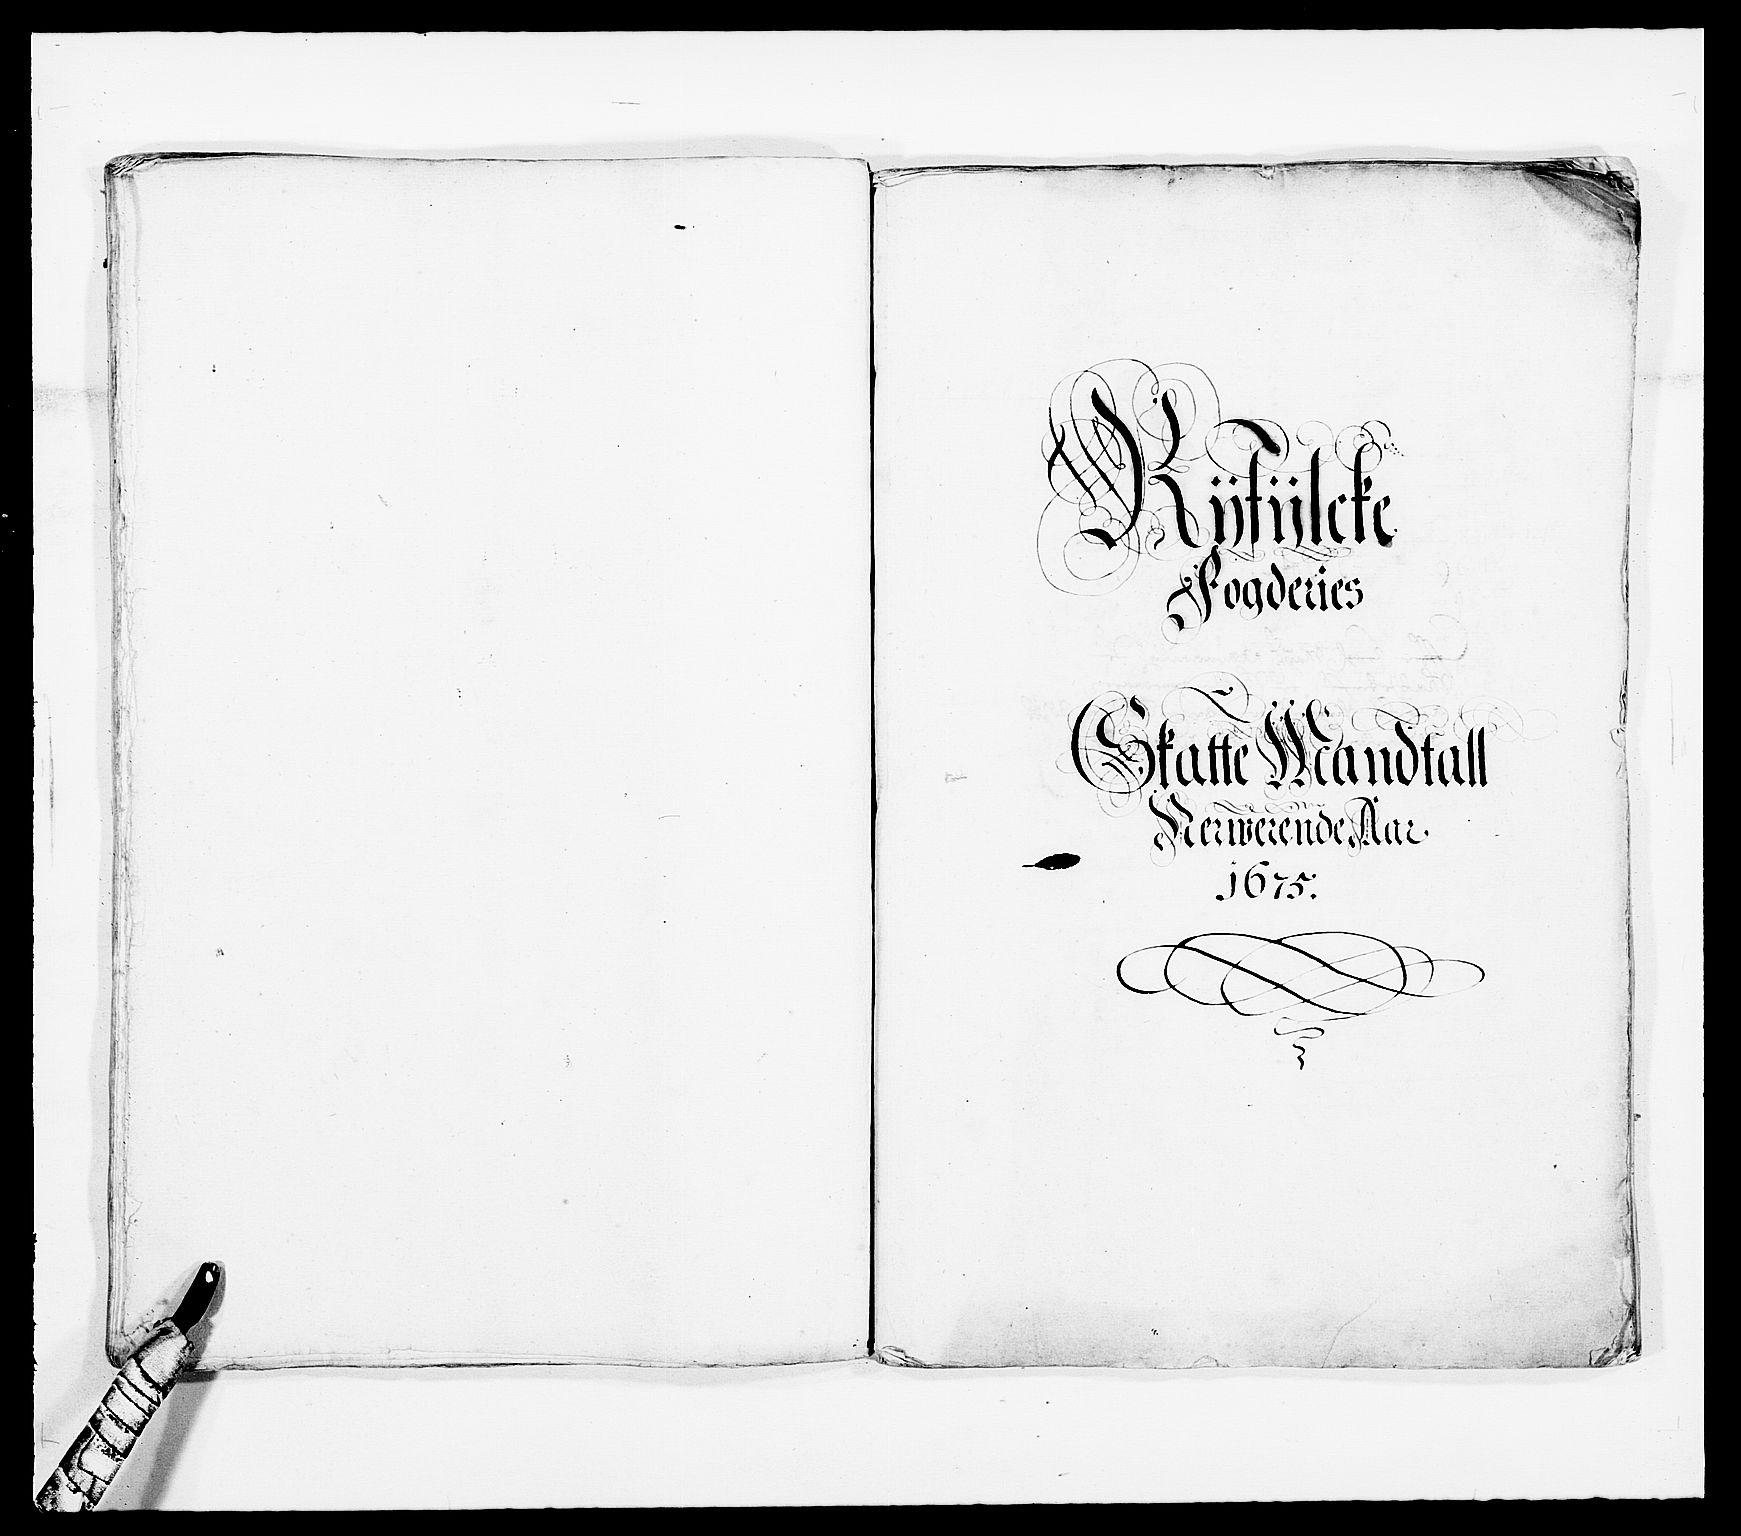 RA, Rentekammeret inntil 1814, Reviderte regnskaper, Fogderegnskap, R47/L2845: Fogderegnskap Ryfylke, 1674-1675, s. 215